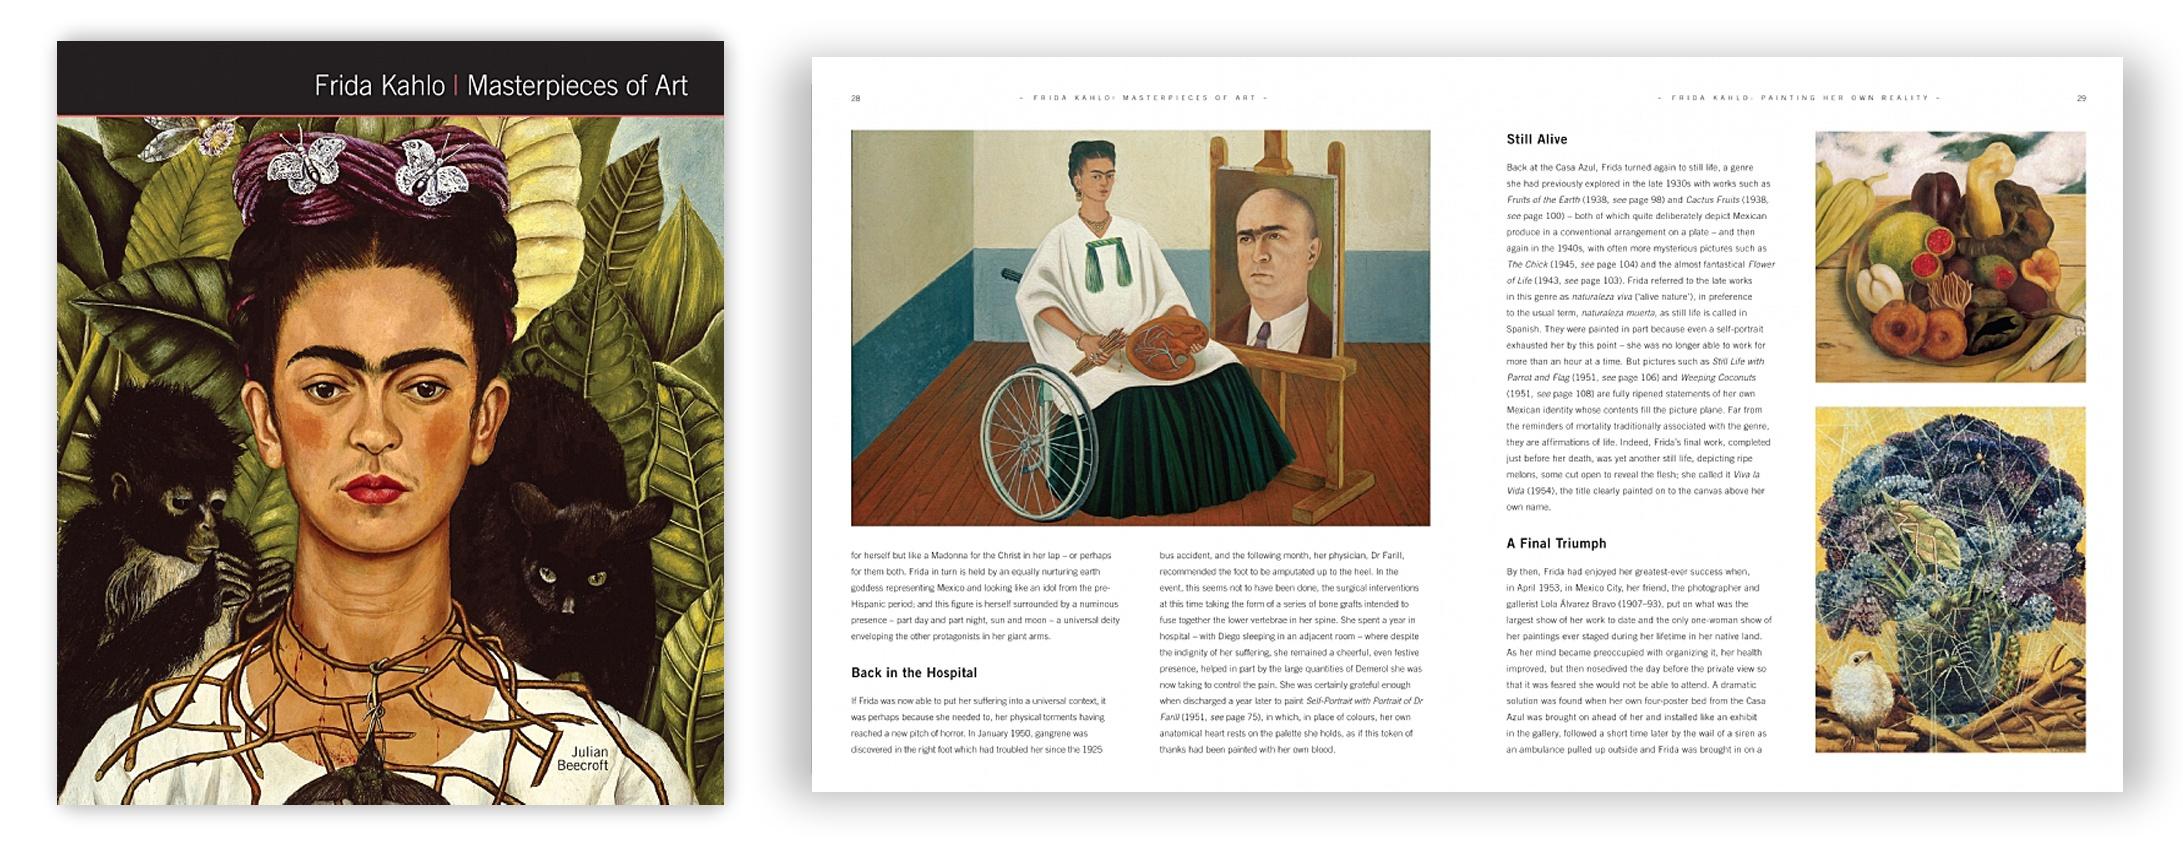 kahlo-masterpieces-art-spread